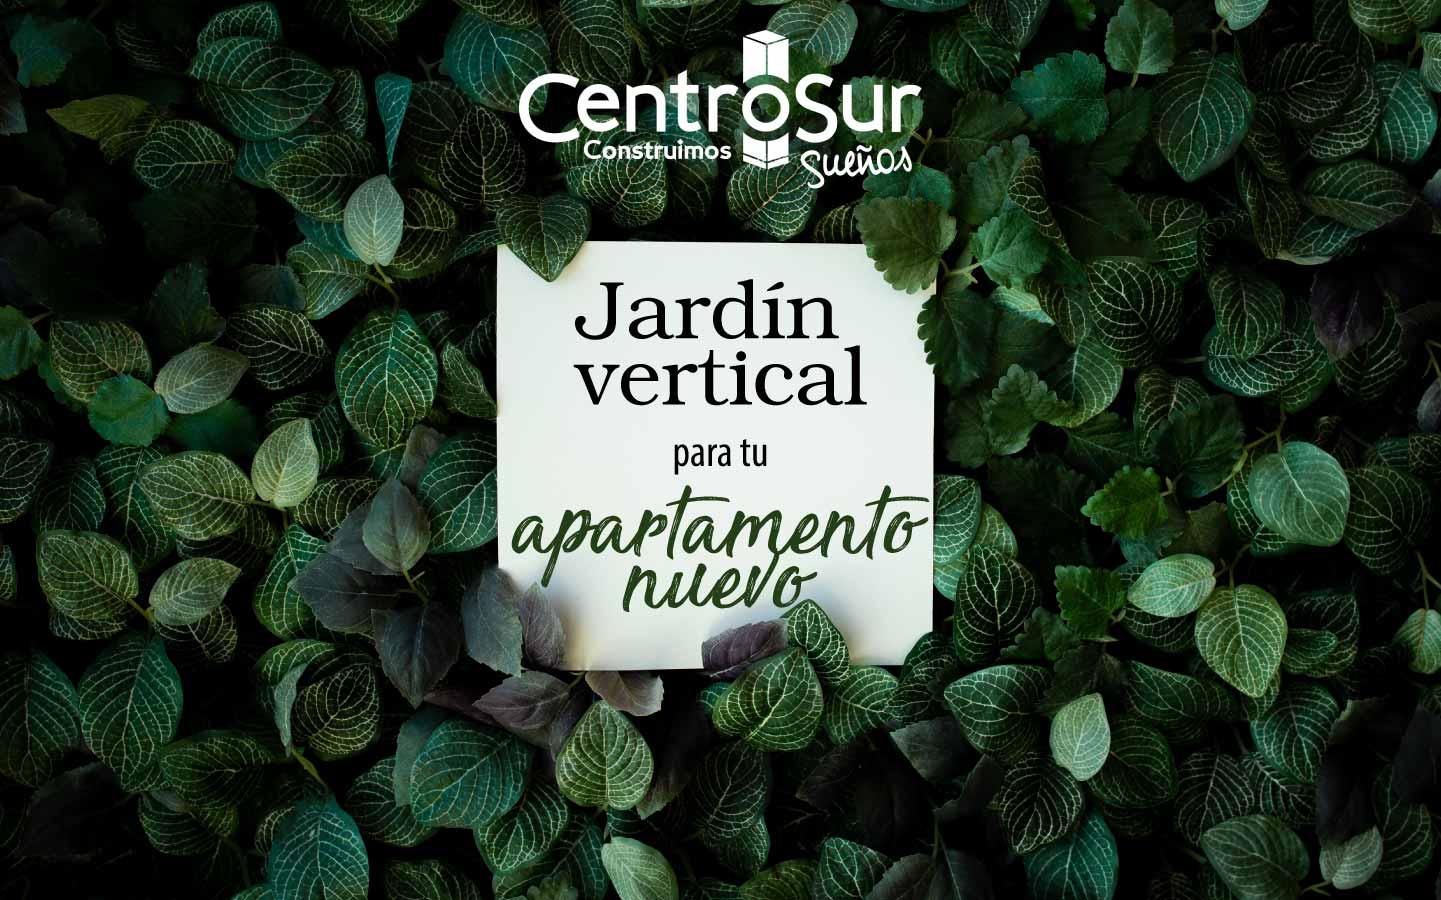 Haz un jardín vertical para tu apartamento nuevo